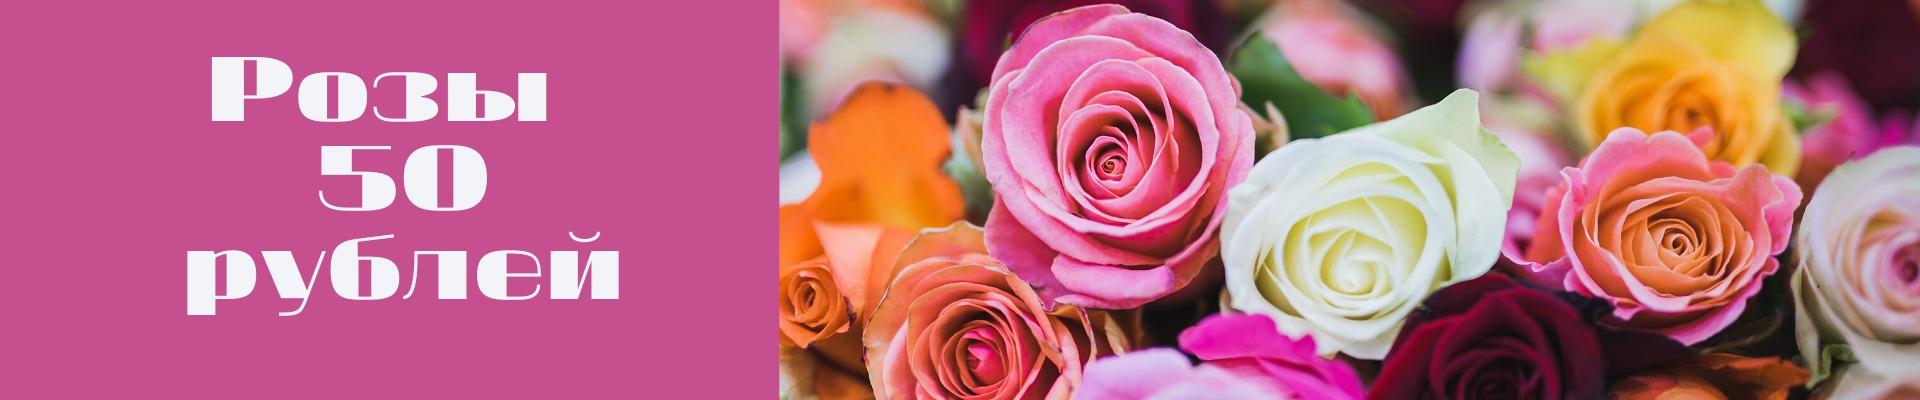 Розы 50